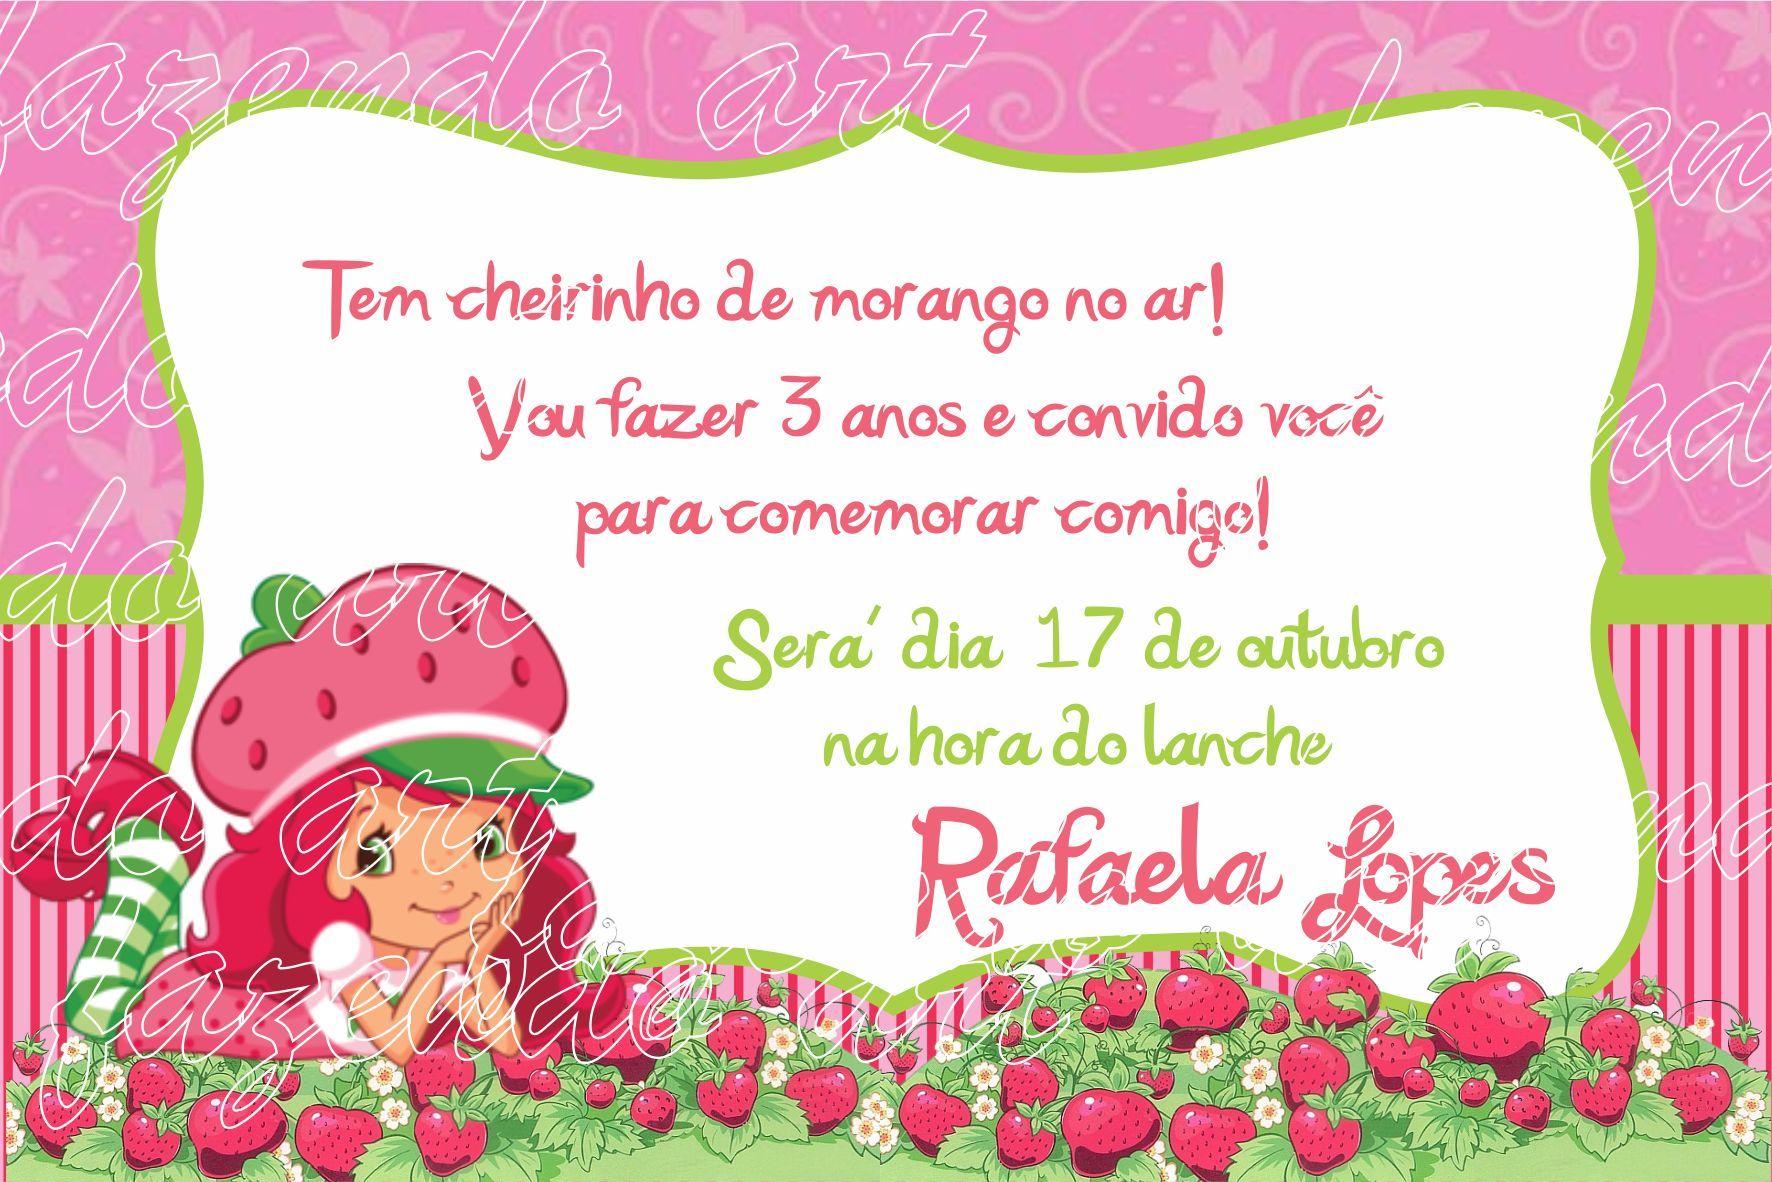 Arte Digital Convite Moranguinho No Elo7 Fazendoart 364128